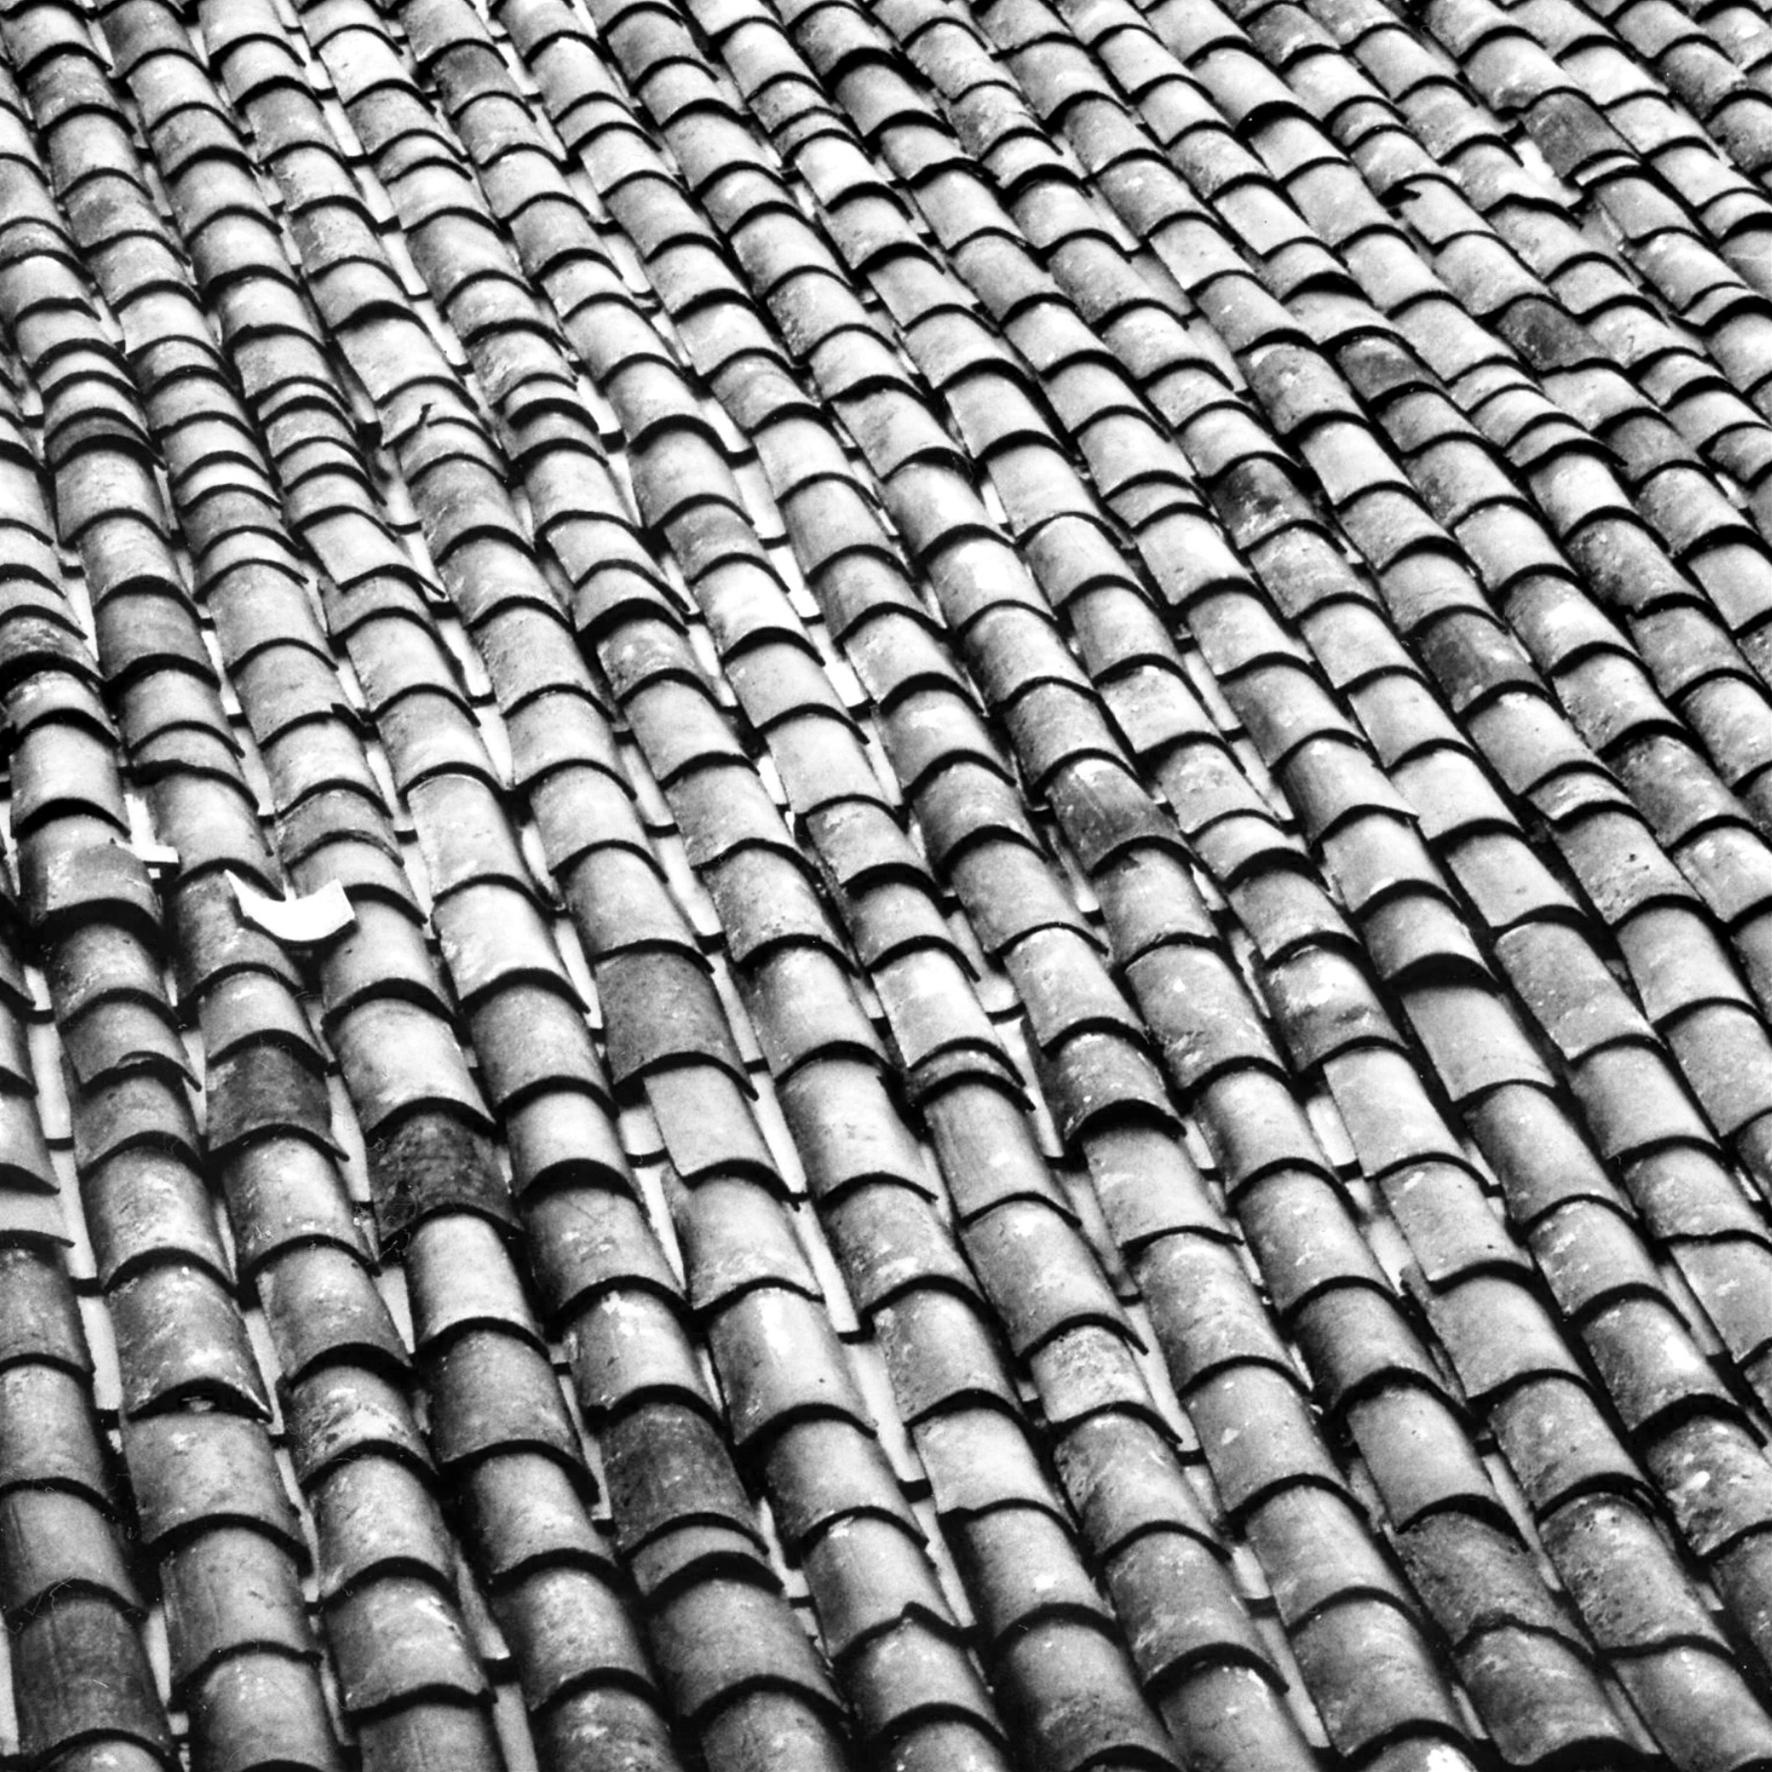 TELHADO PELOURINHO CENTRO - SALVADOR - BAHIA 2011 RSA